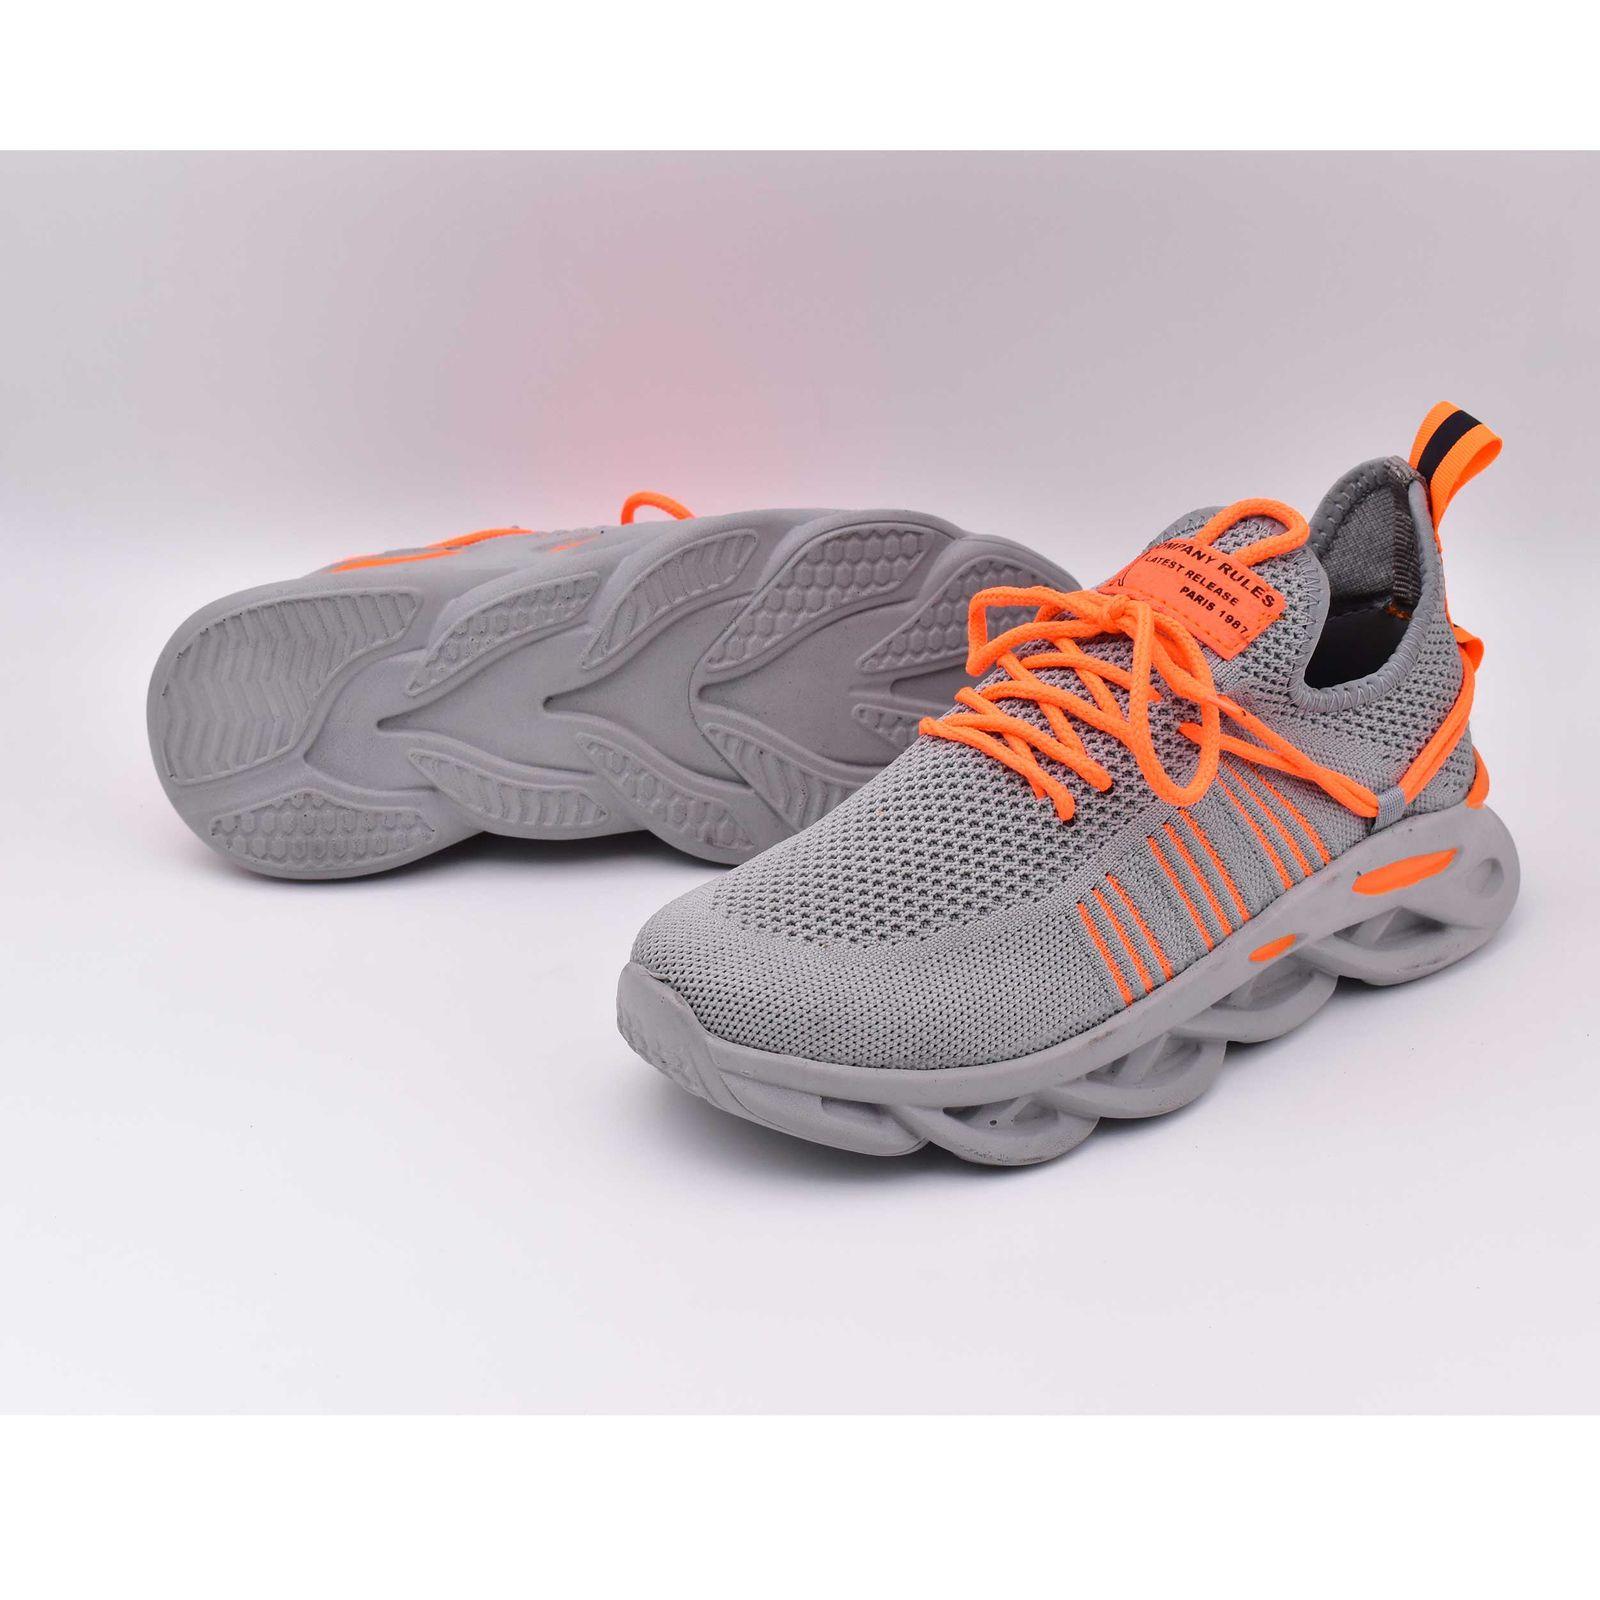 کفش دویدن مردانه مدل پارسا کد B1071-2 -  - 9